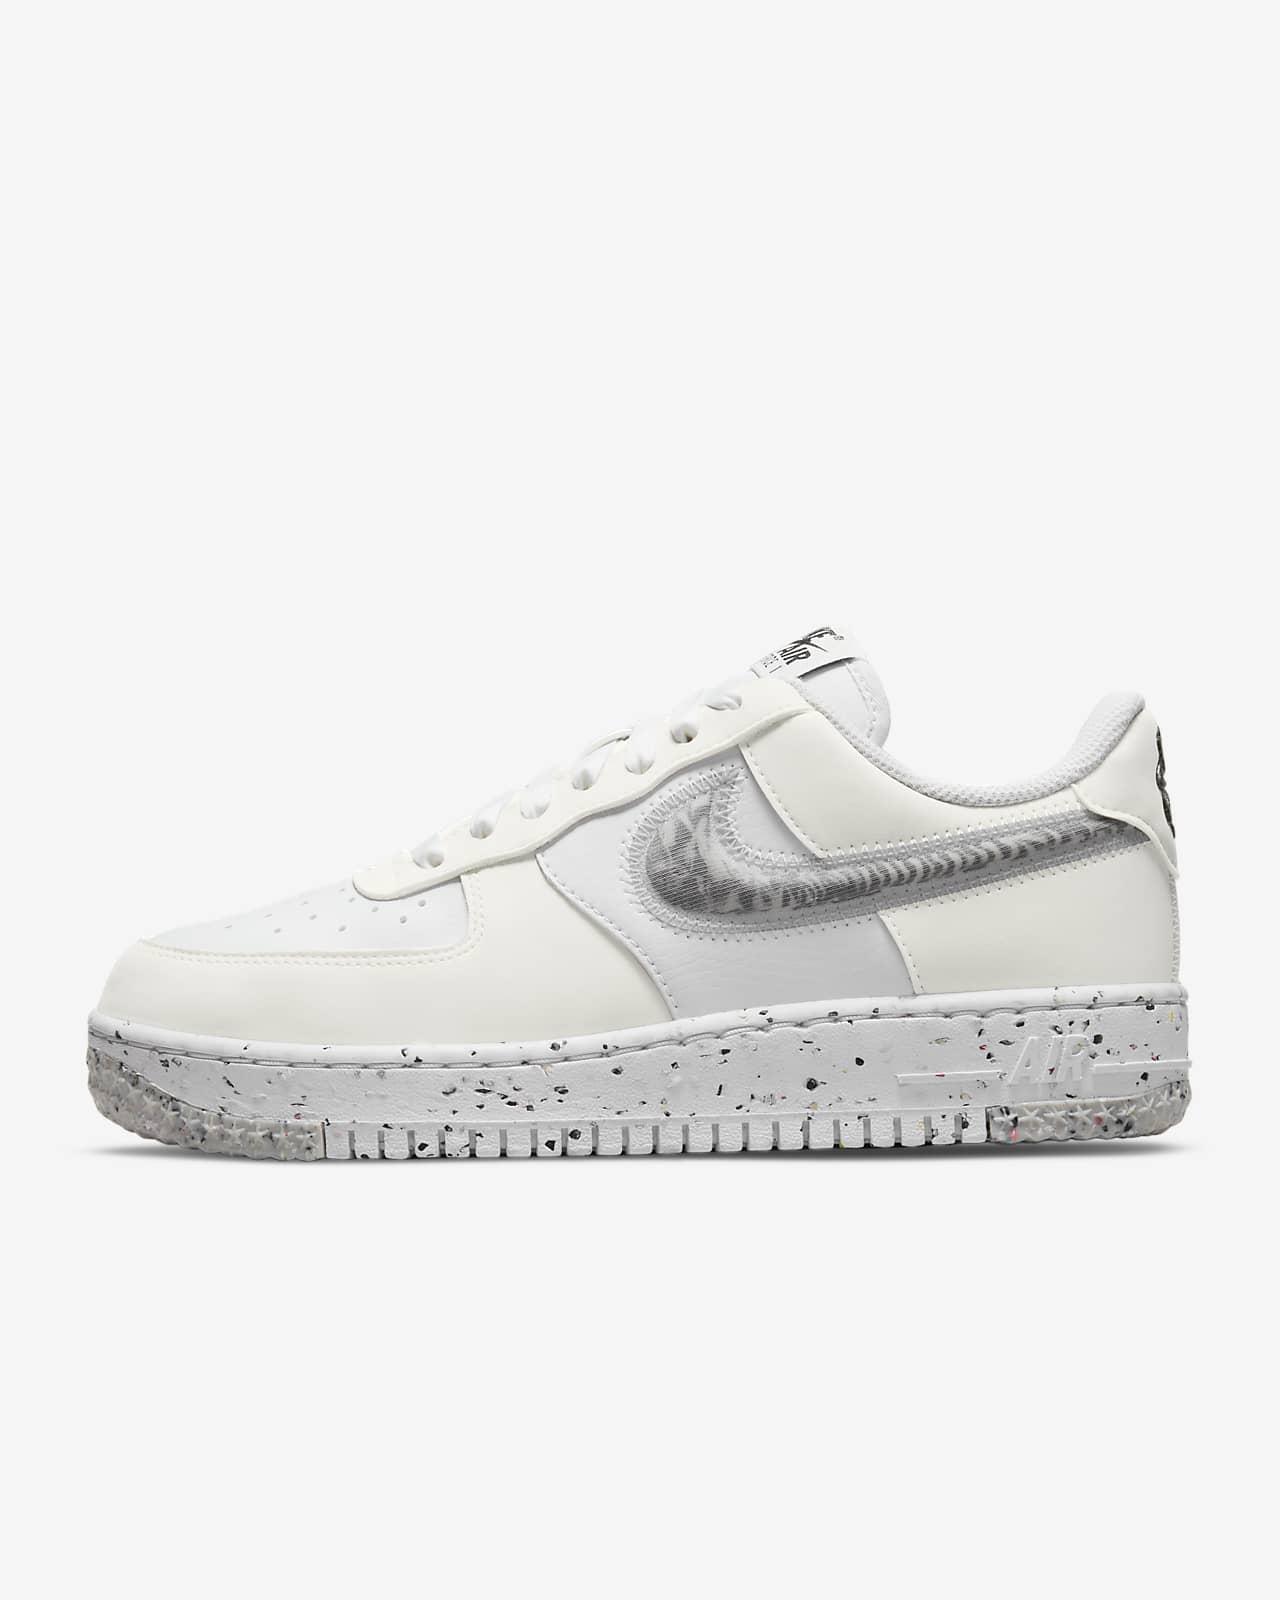 รองเท้าผู้หญิง Nike Air Force 1 Crater